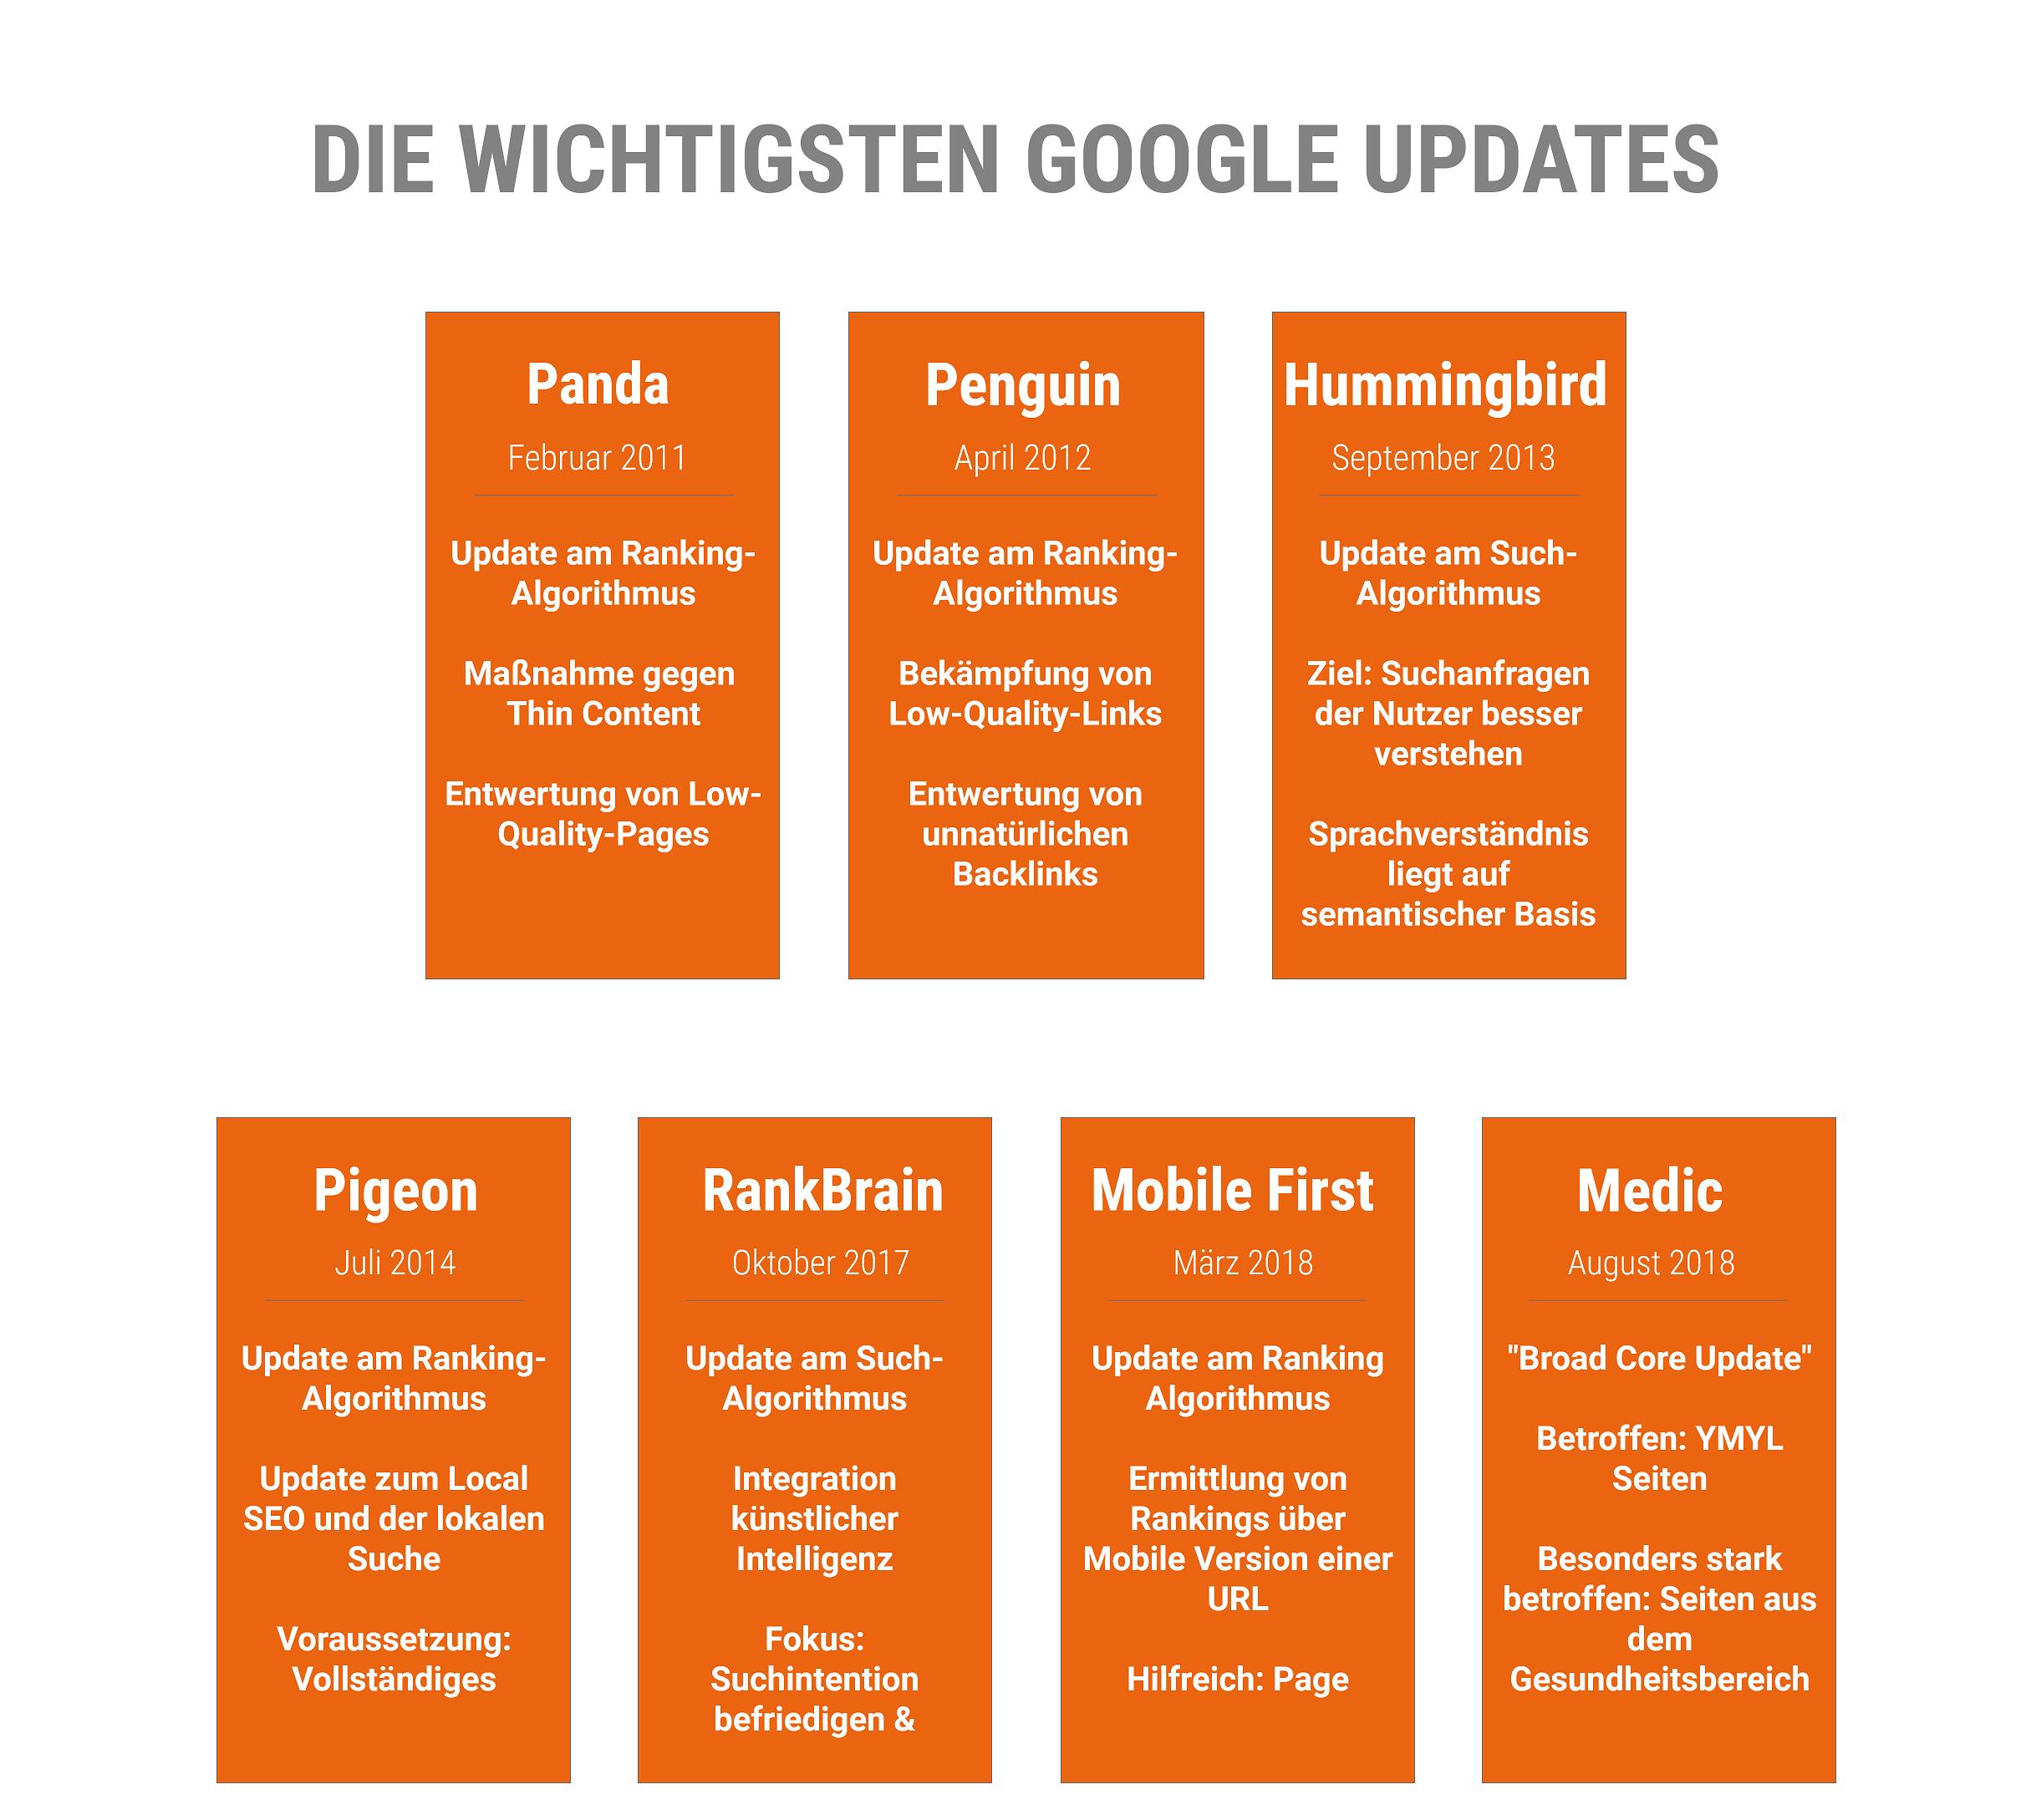 die wichtigsten Google Updates bis 2019 im Überblick